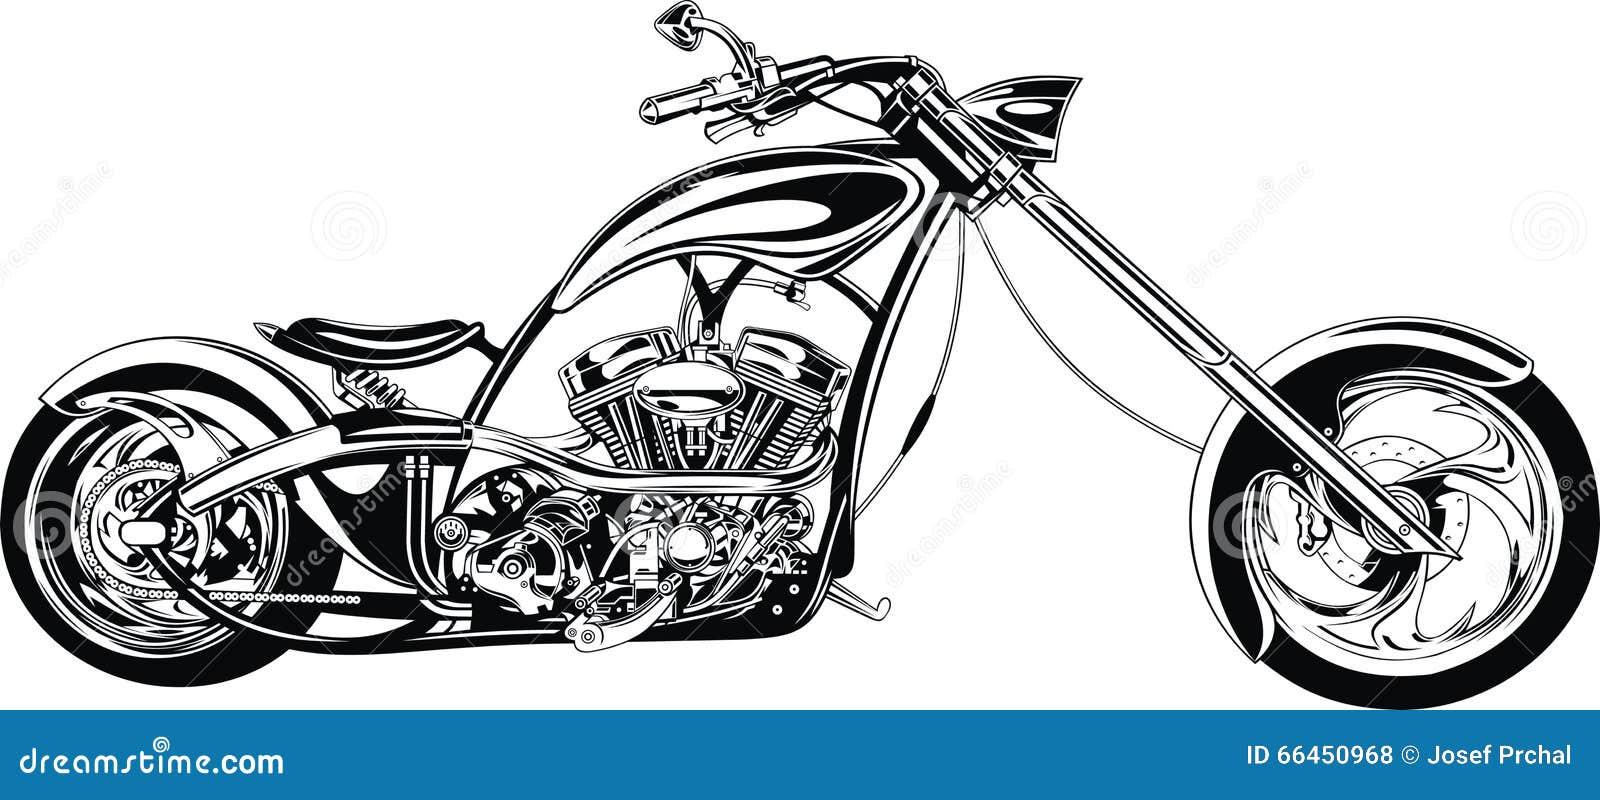 mi dise u00f1o blanco y negro de la moto ilustraci u00f3n del vector